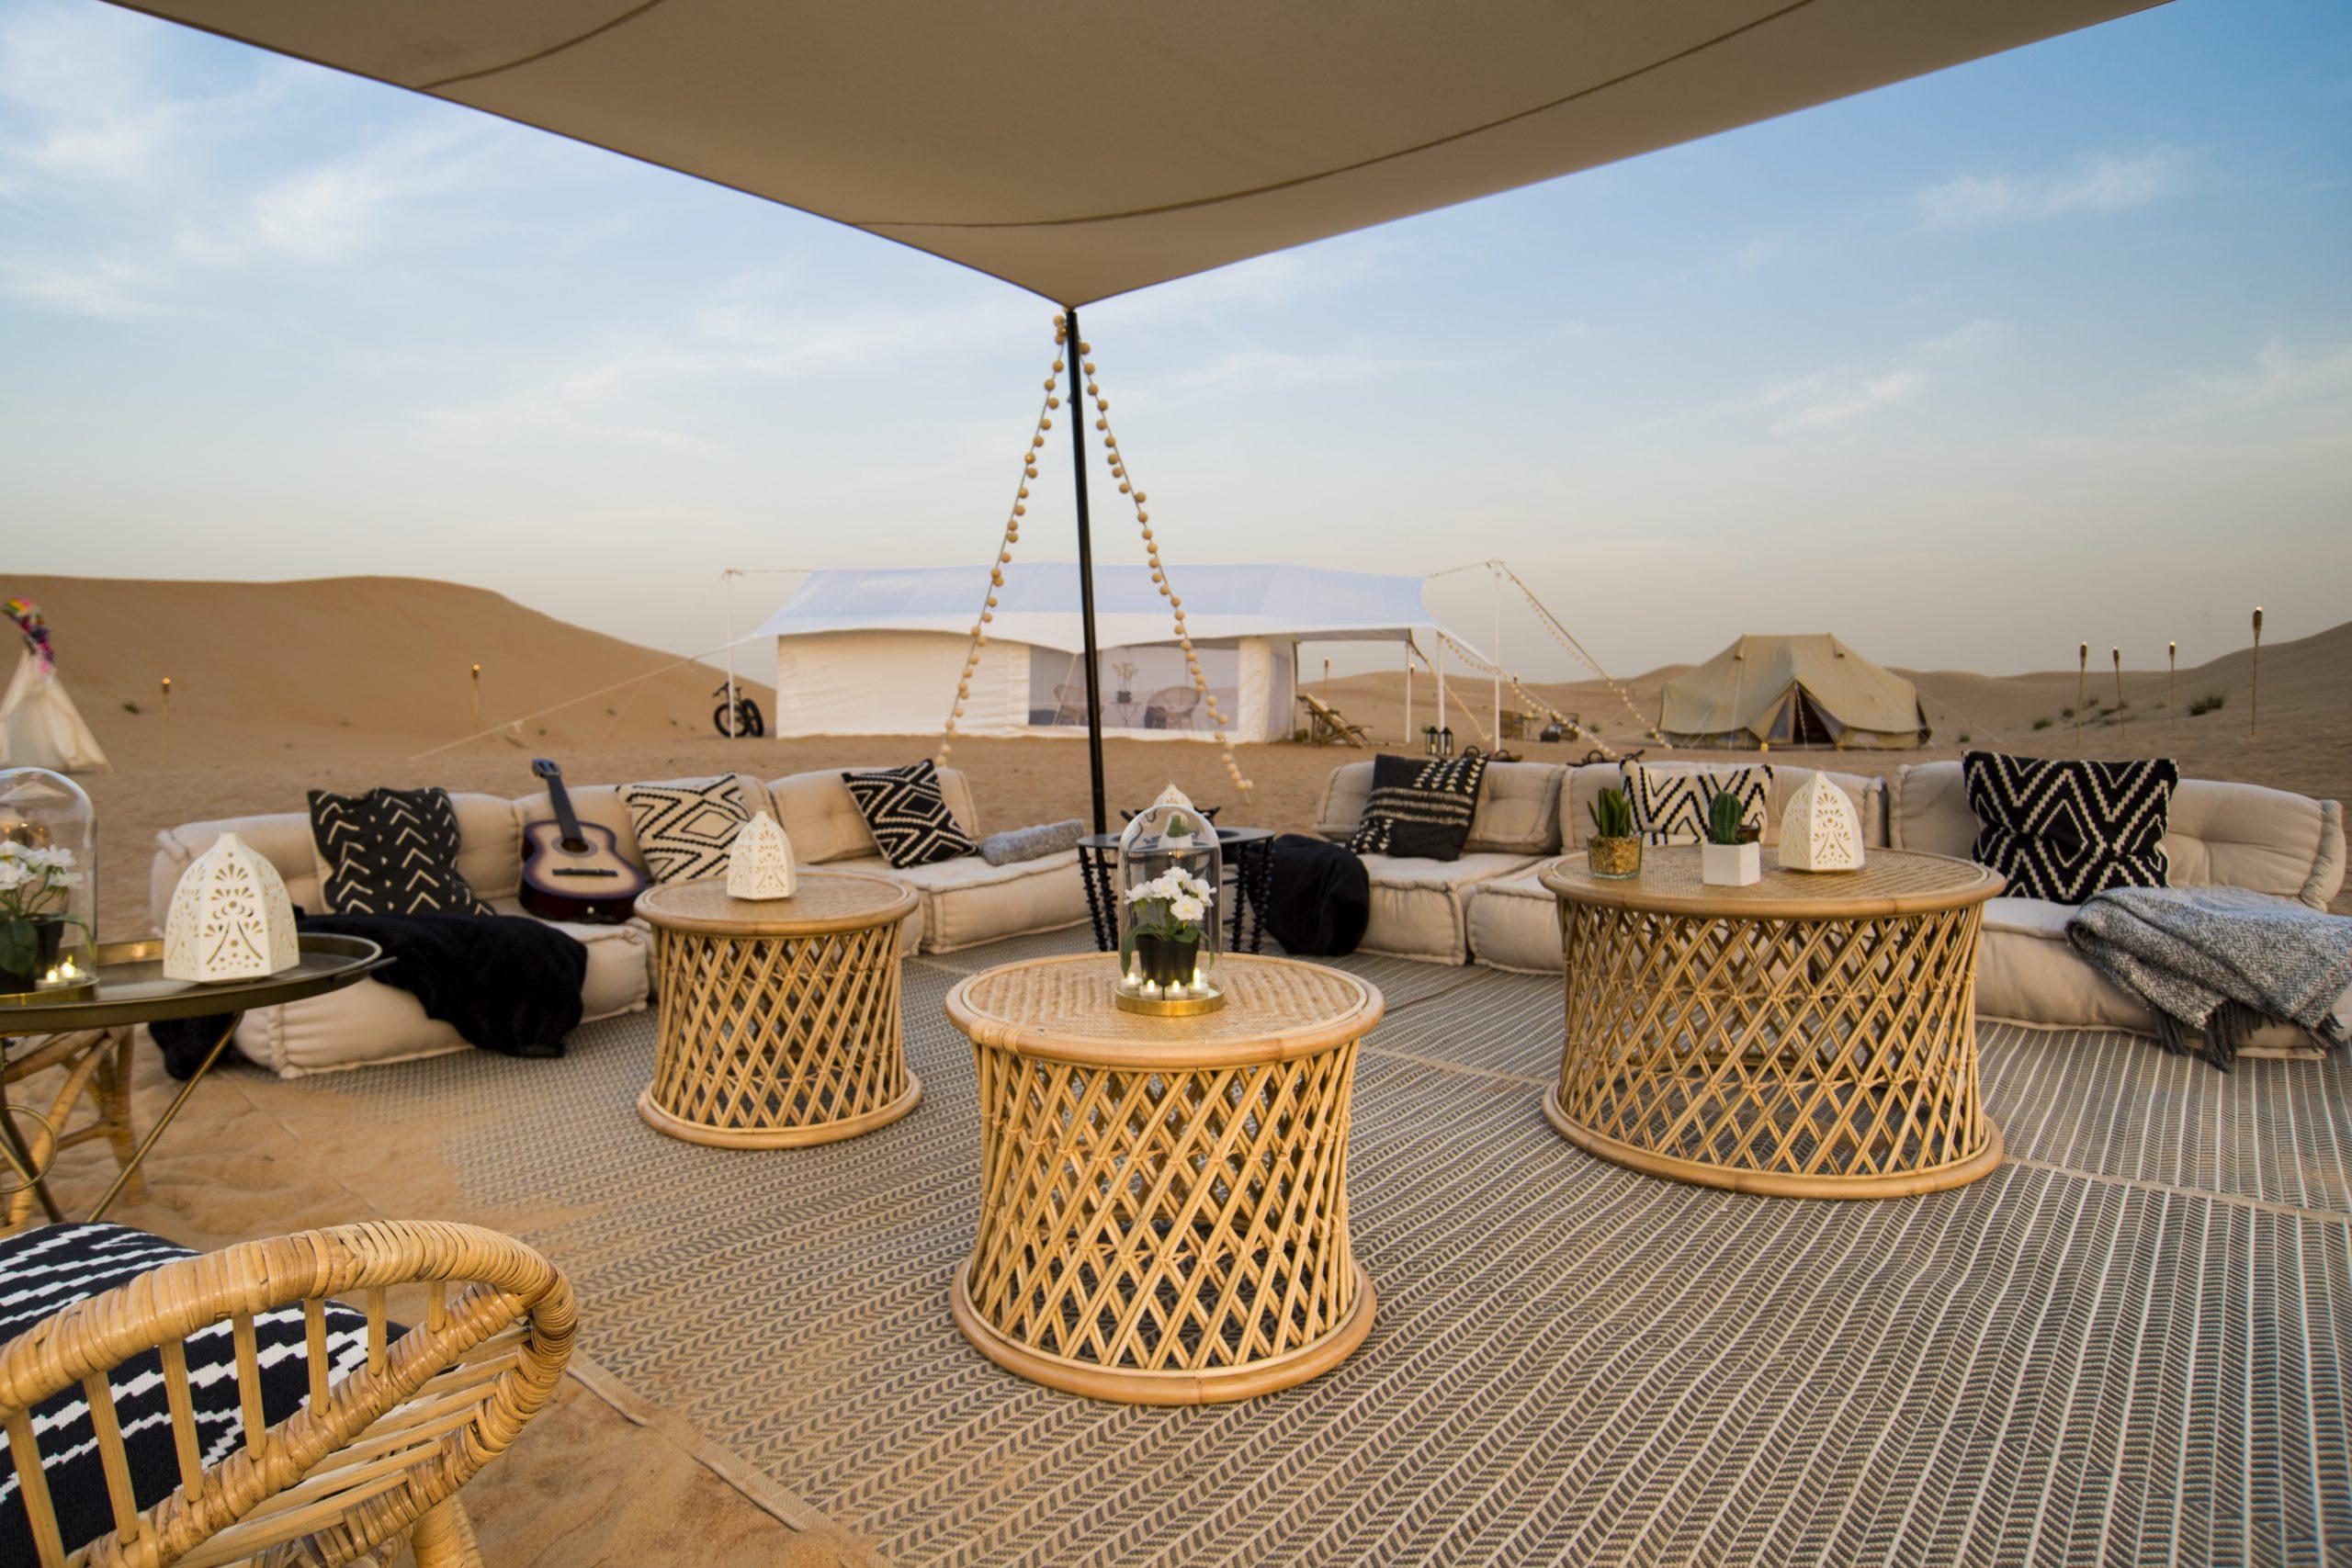 NARA Dubai